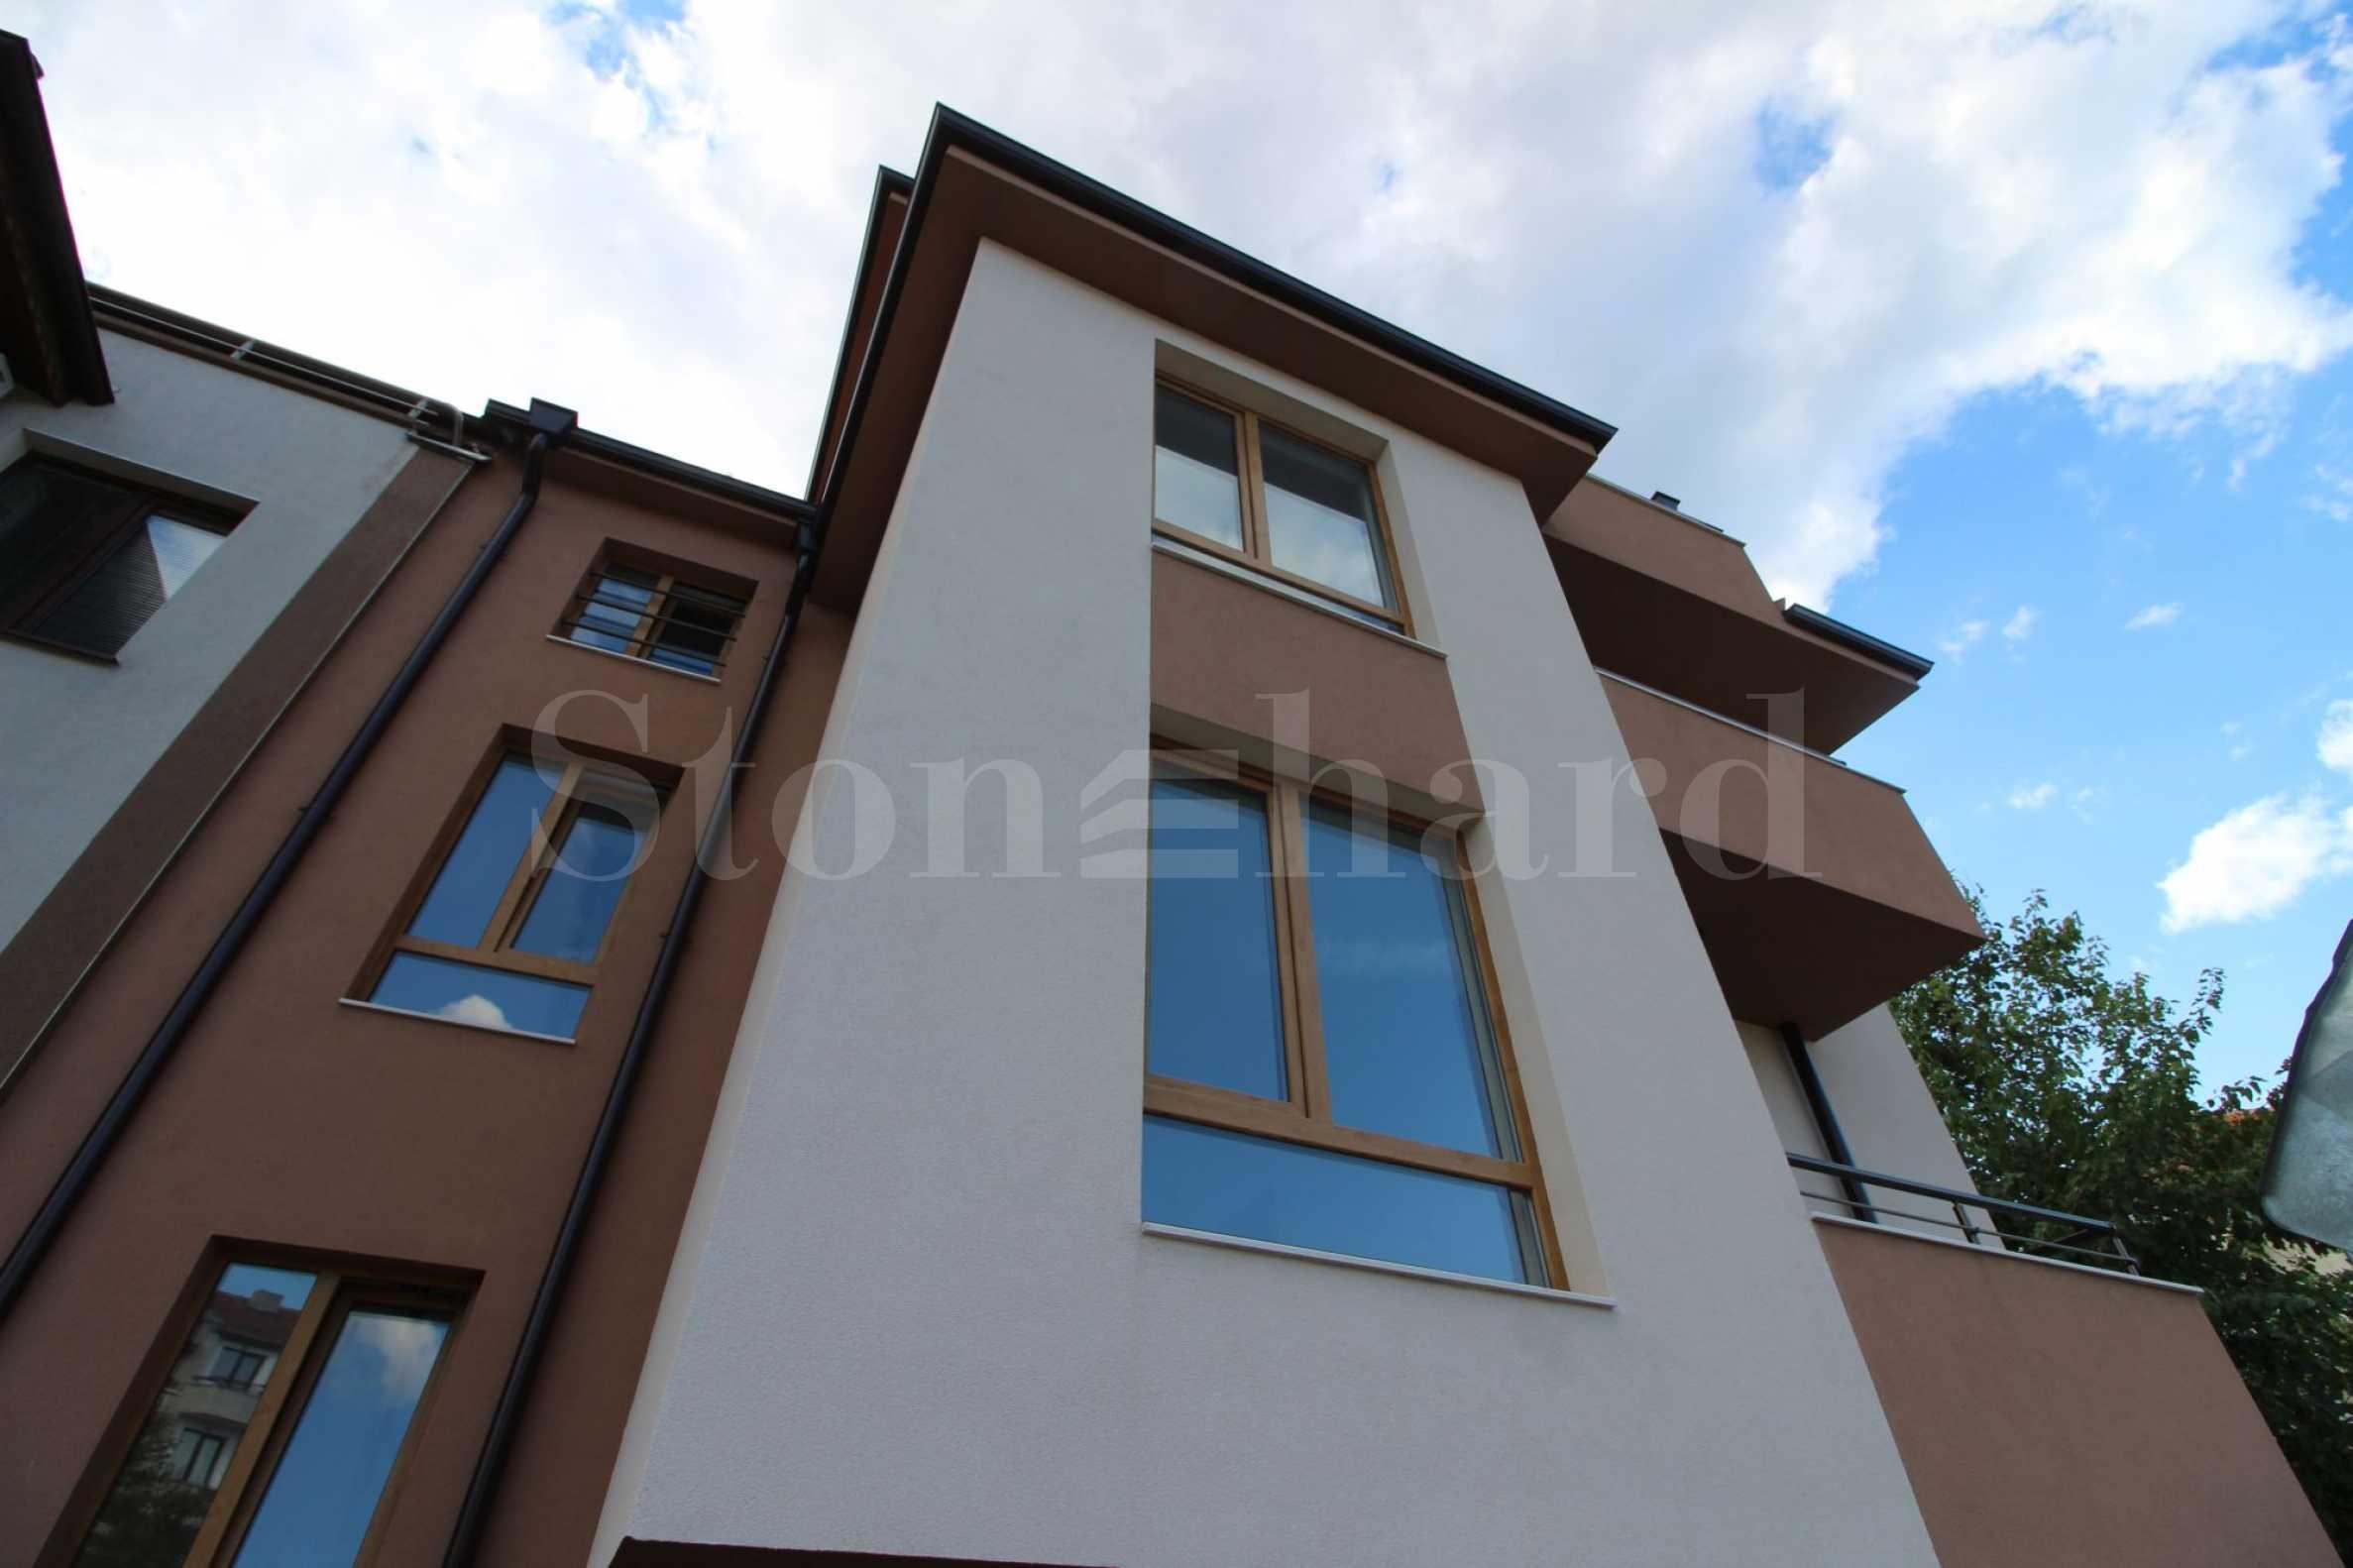 Двустайни апартаменти ново строителство в Царево, кв. Василико2 - Stonehard